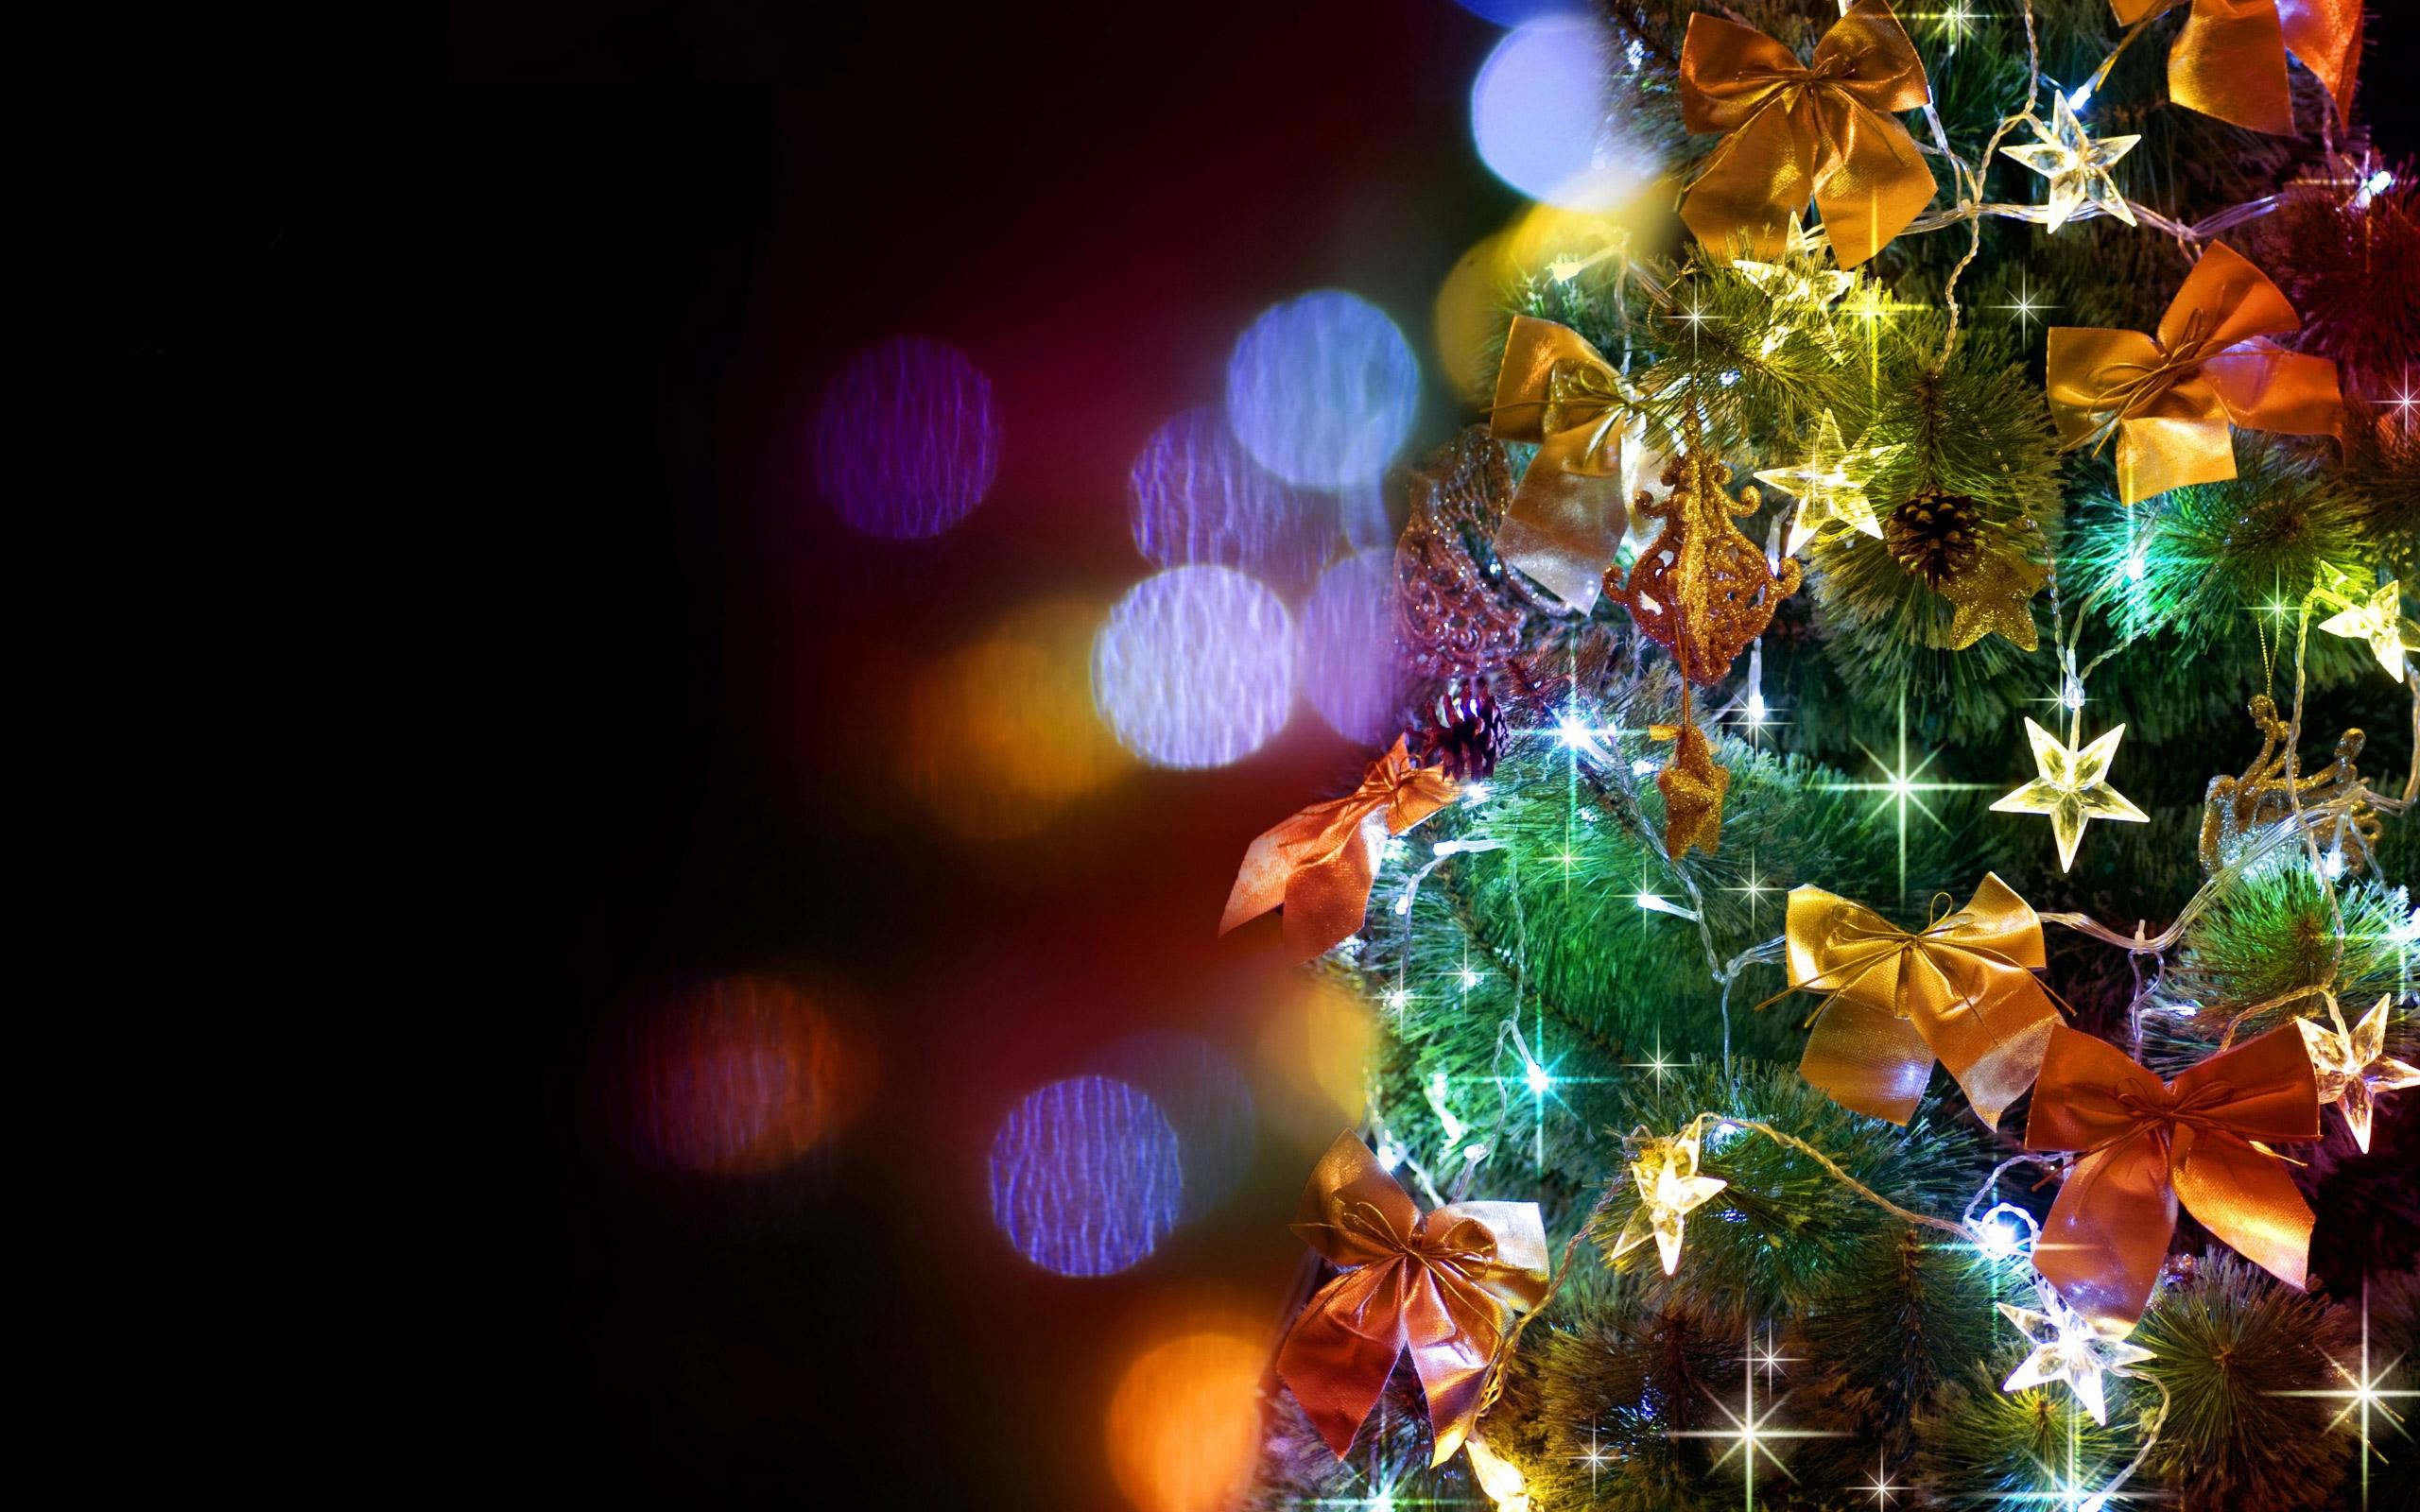 Лучшие обои для рабочего стола на новогоднюю тематику (17)